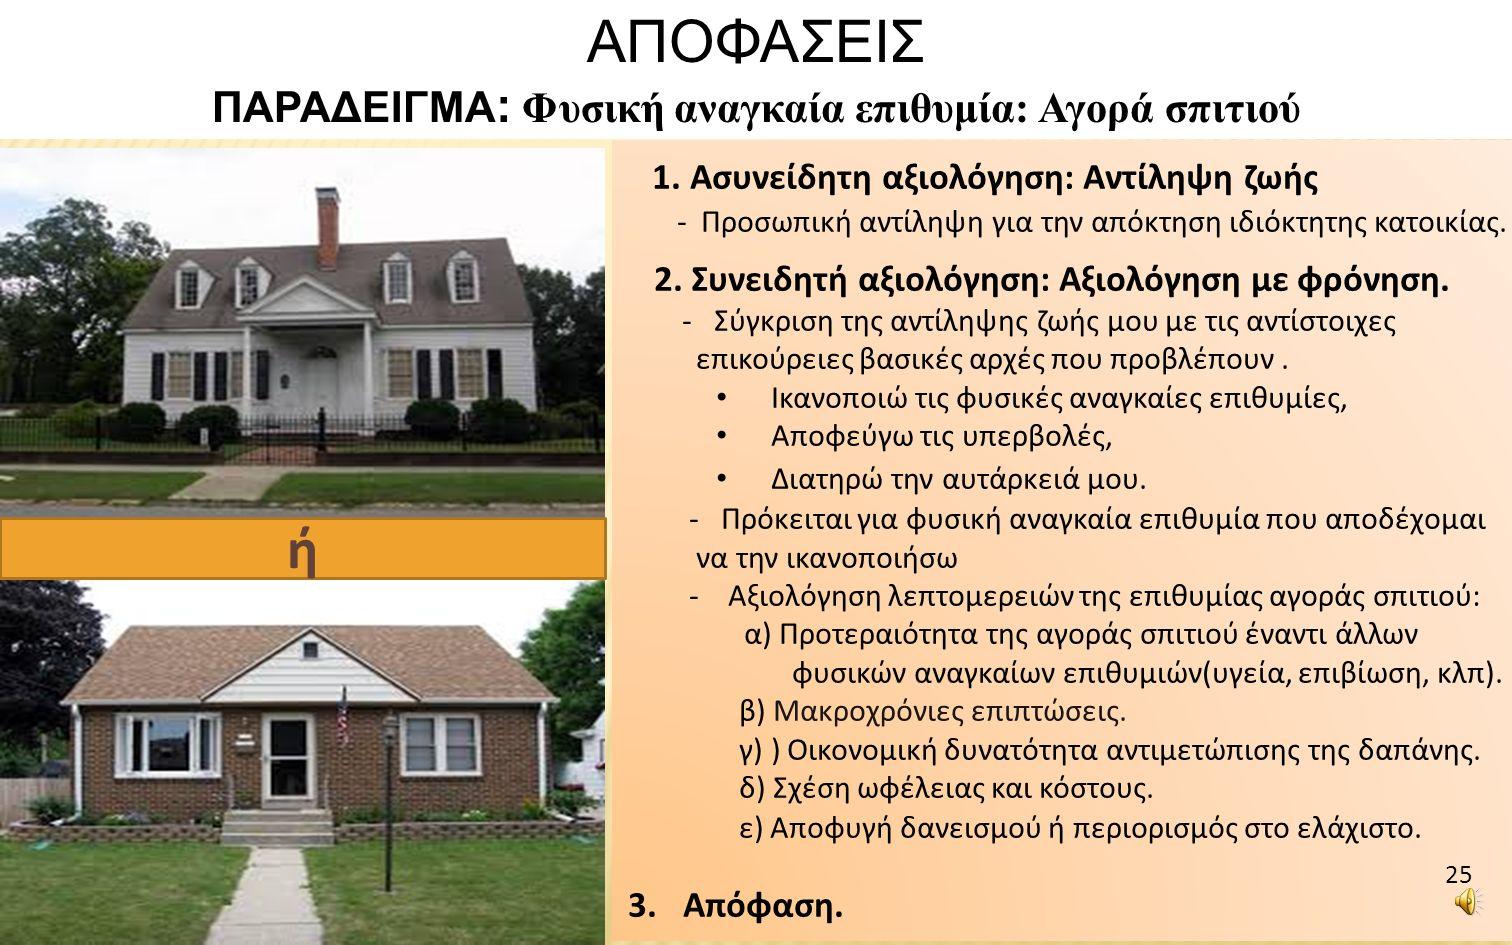 1. Ασυνείδητη αξιολόγηση: Αντίληψη ζωής - Προσωπική αντίληψη για την απόκτηση ιδιόκτητης κατοικίας.